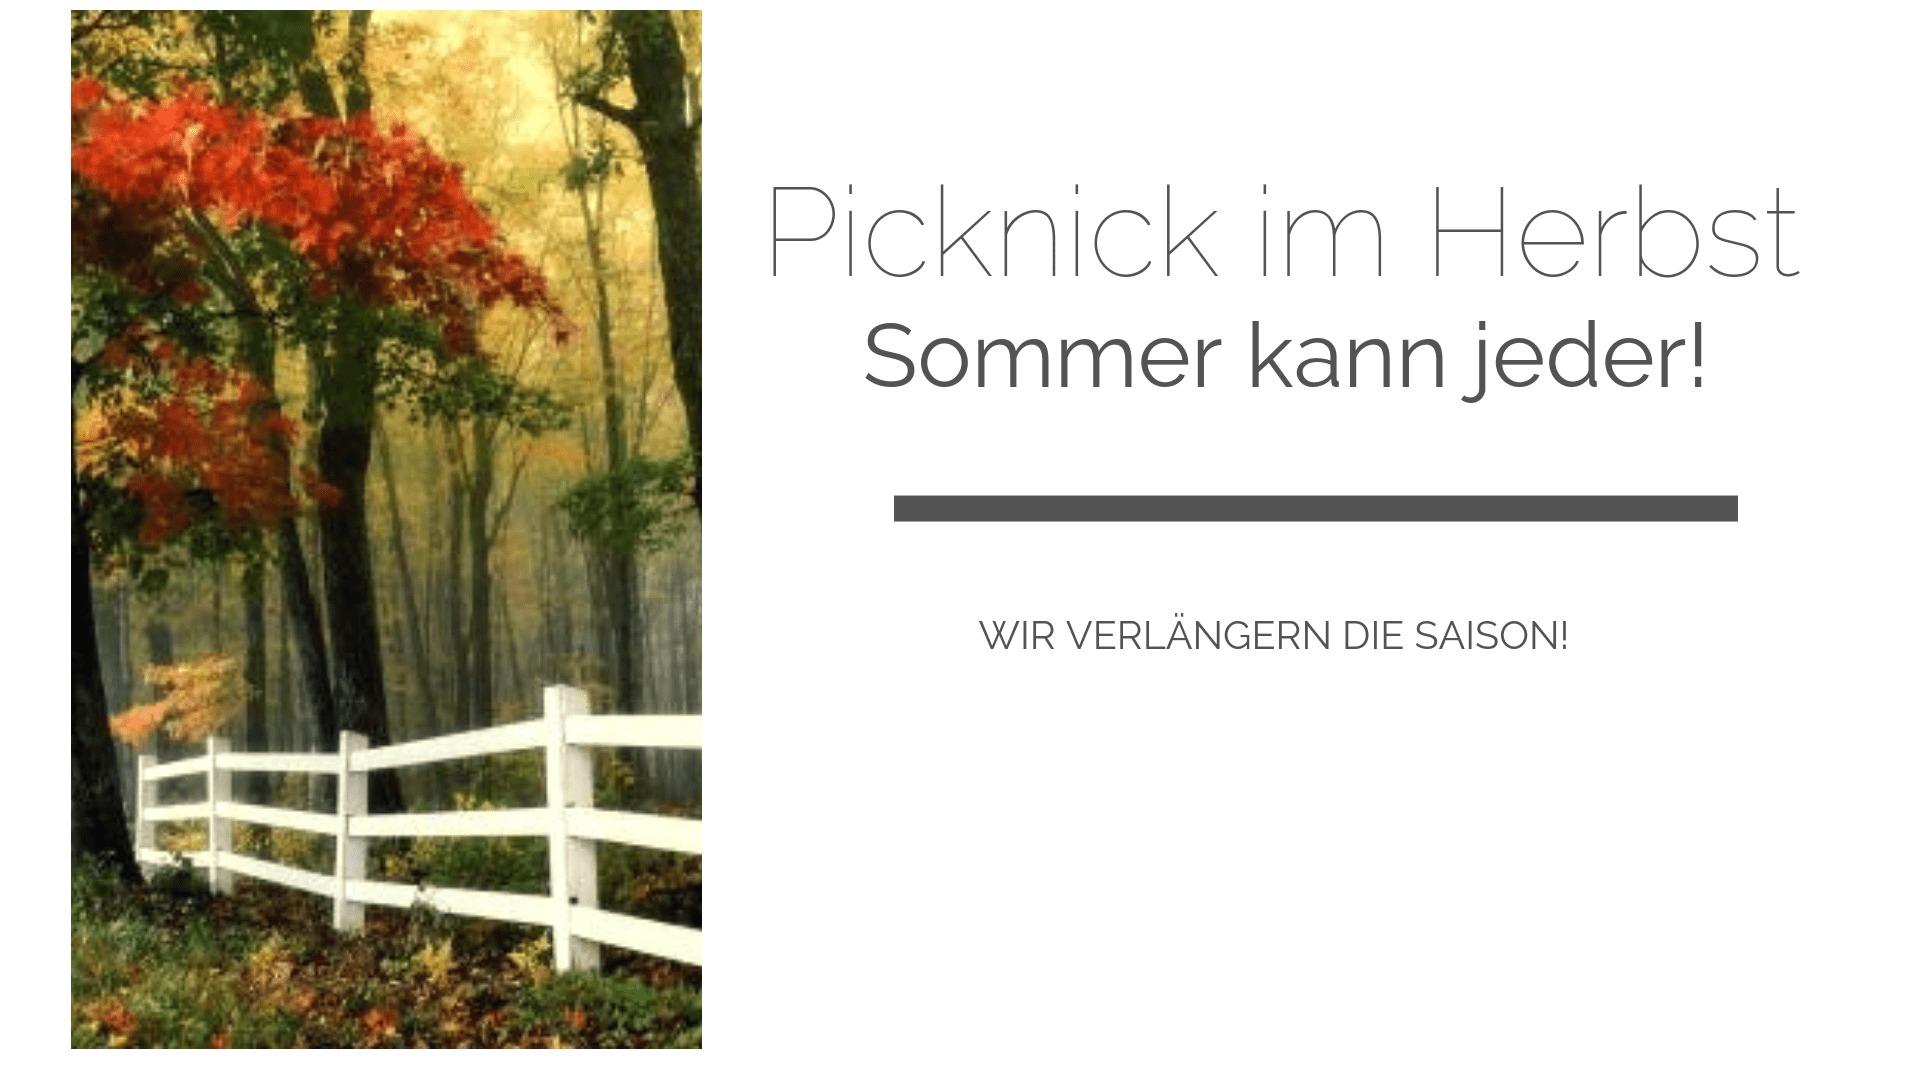 Picknicken im Herbst: die besten Plätze, Ausstattung und Proviant